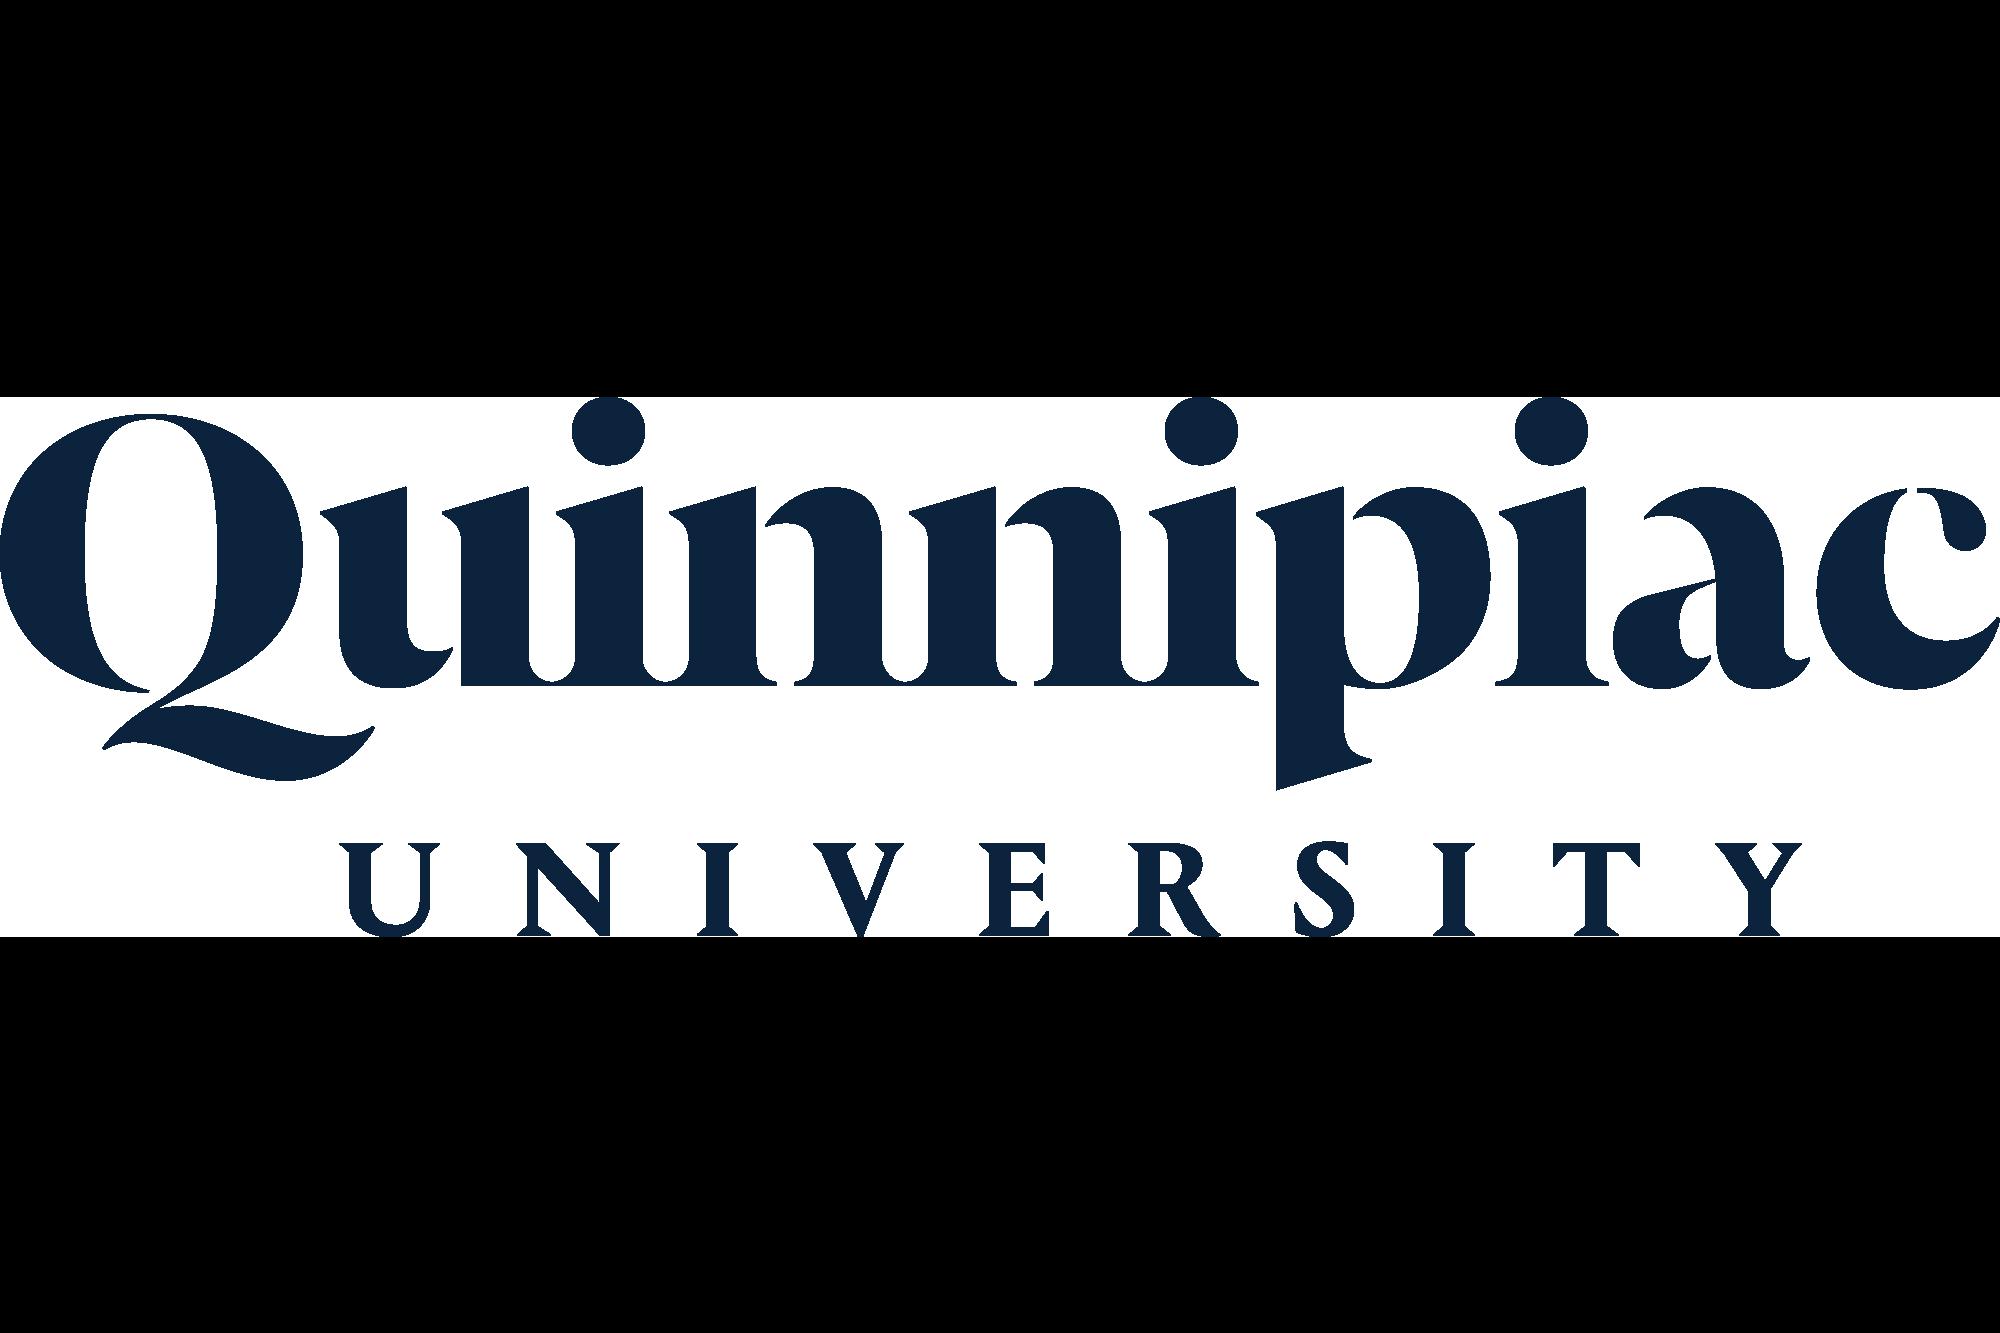 quinnipiac.png